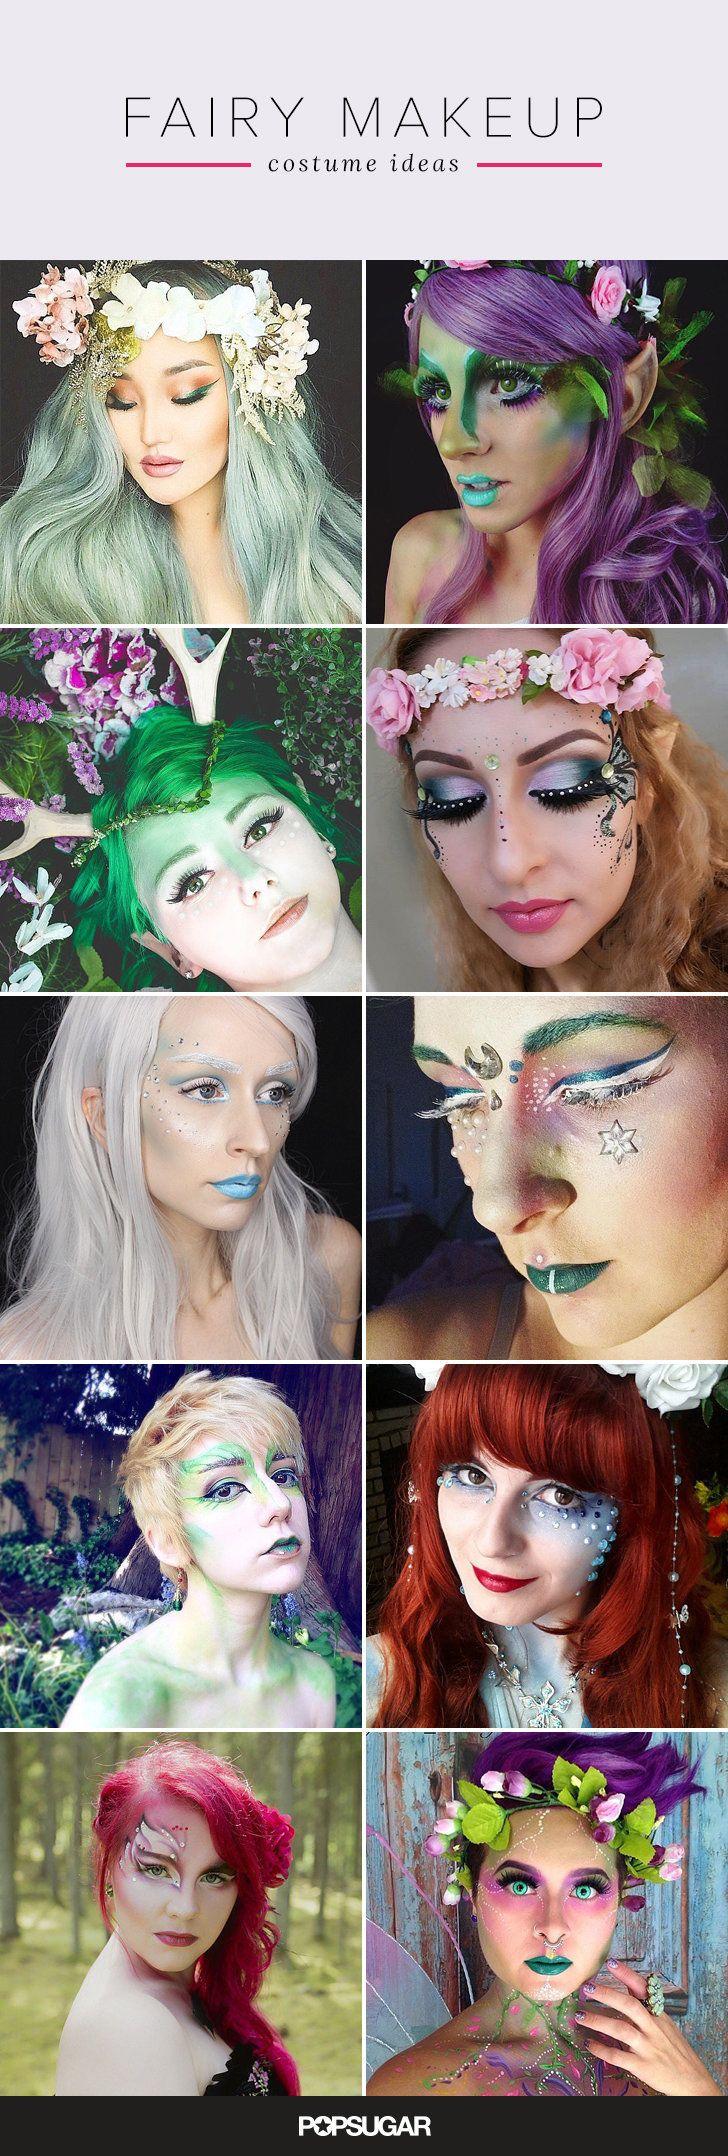 97 besten fasching Bilder auf Pinterest | Diy kostüme, Karneval und ...